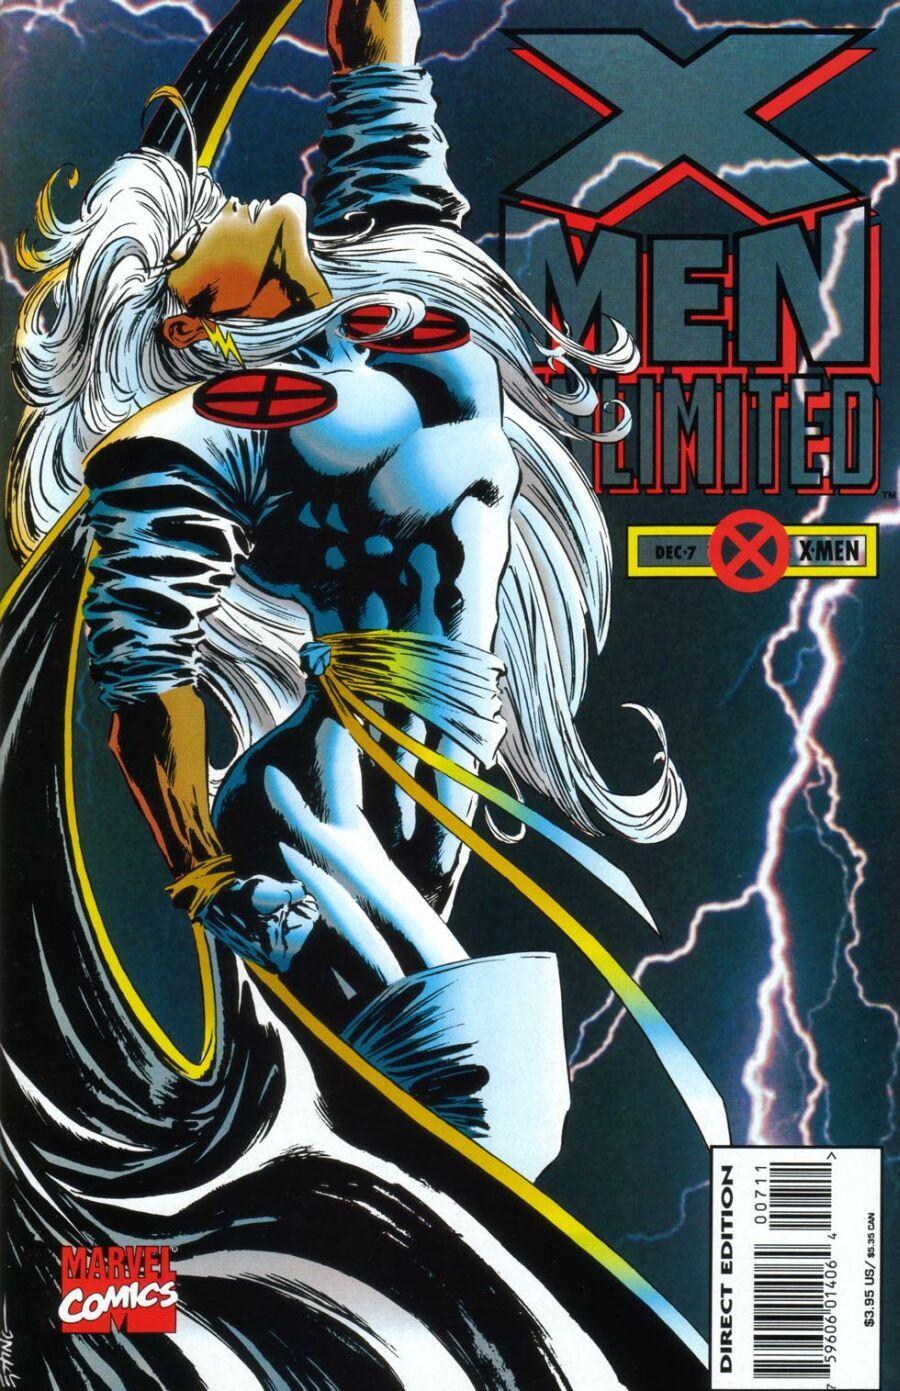 X Men Unlimited Vol 1 7 Comics X Men Female Superhero